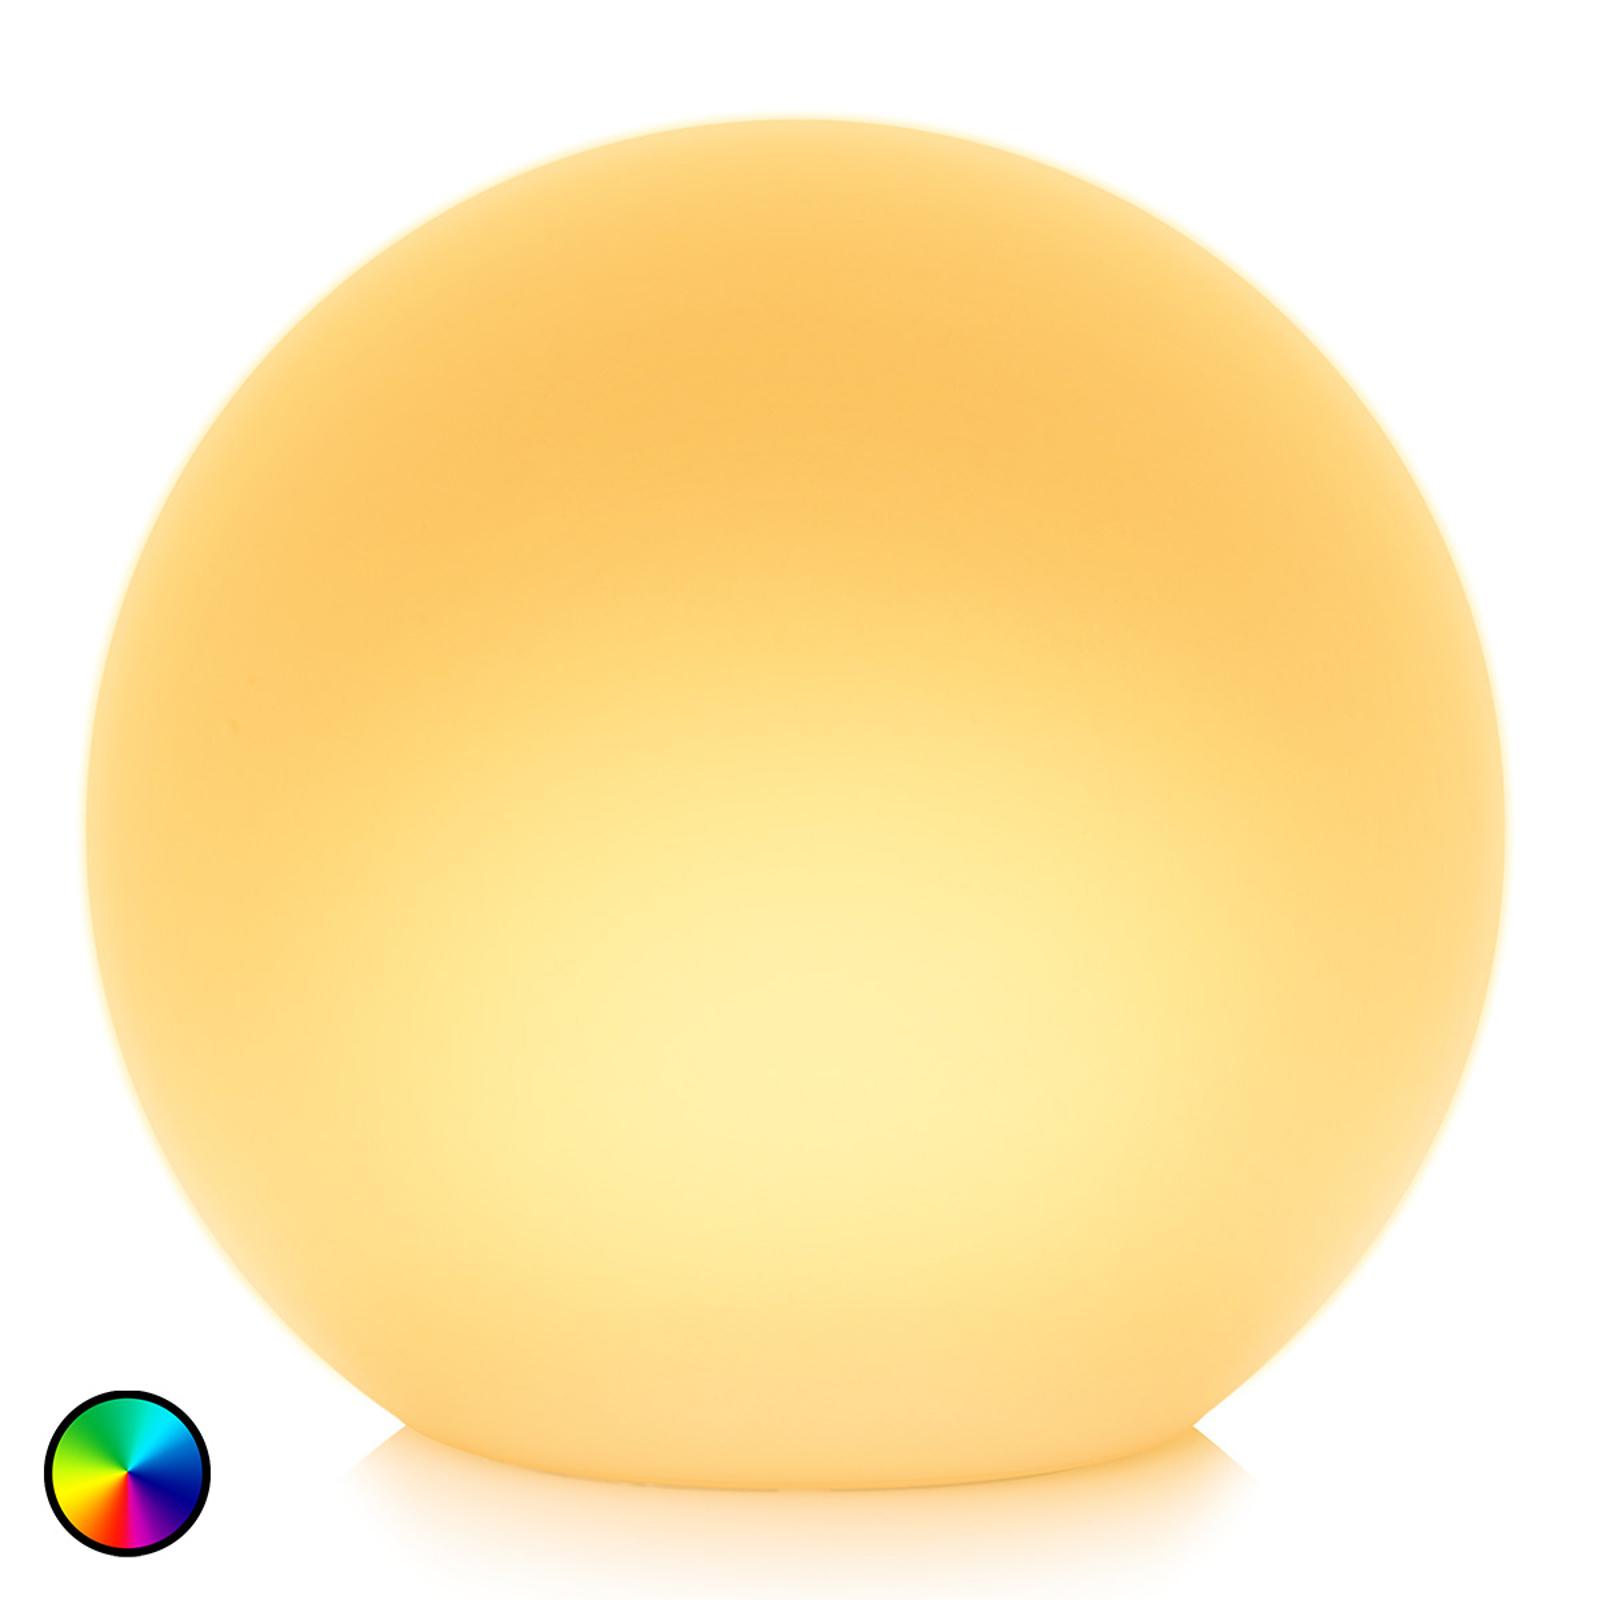 Eve Flare Smarte LED lamp voor binnen en buiten